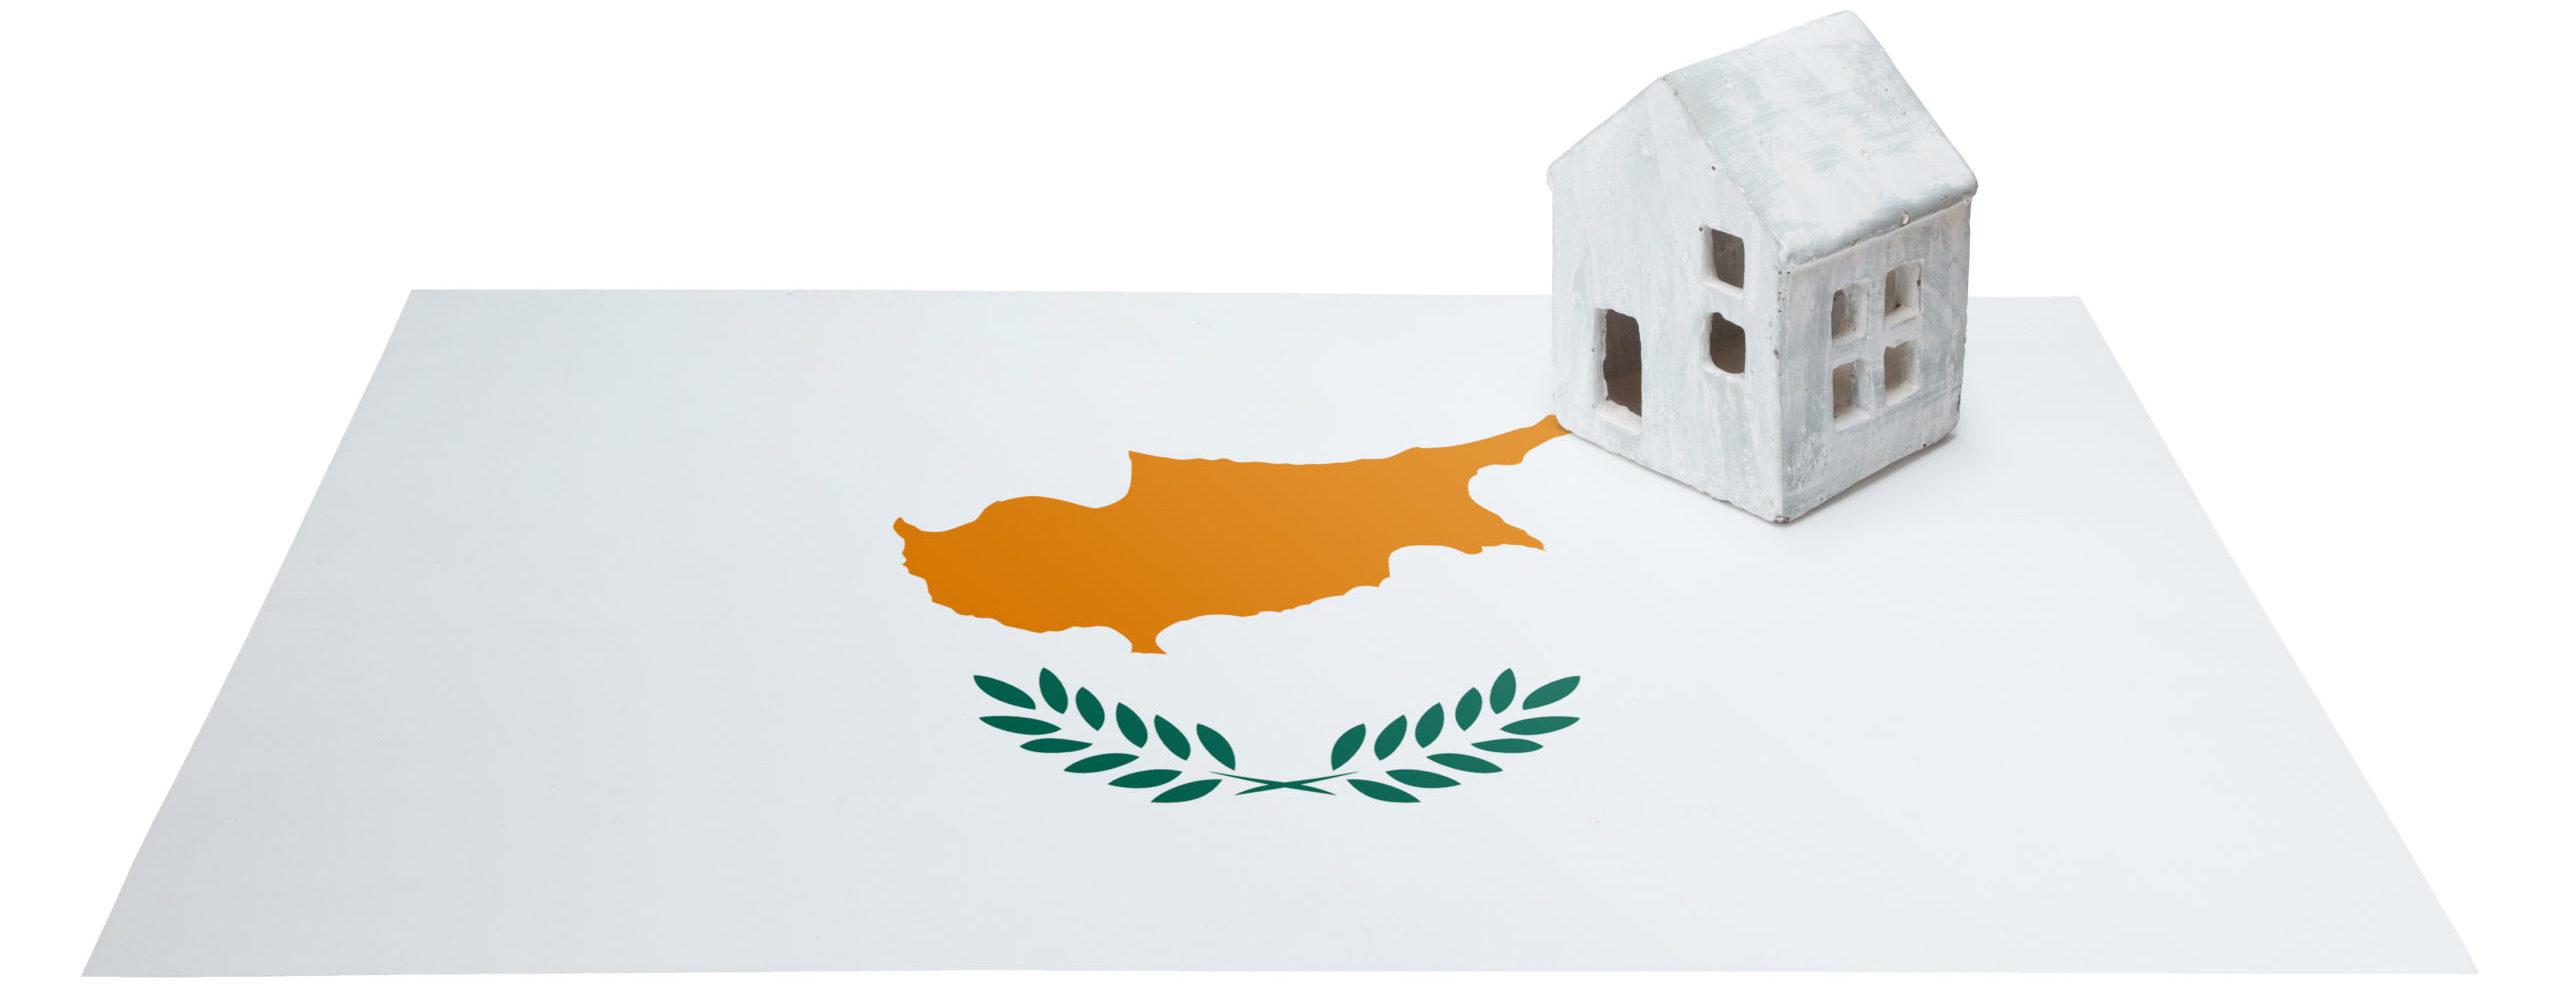 Недвижимость на Кипре: строительство и продажа, готовое жилье за рубежом